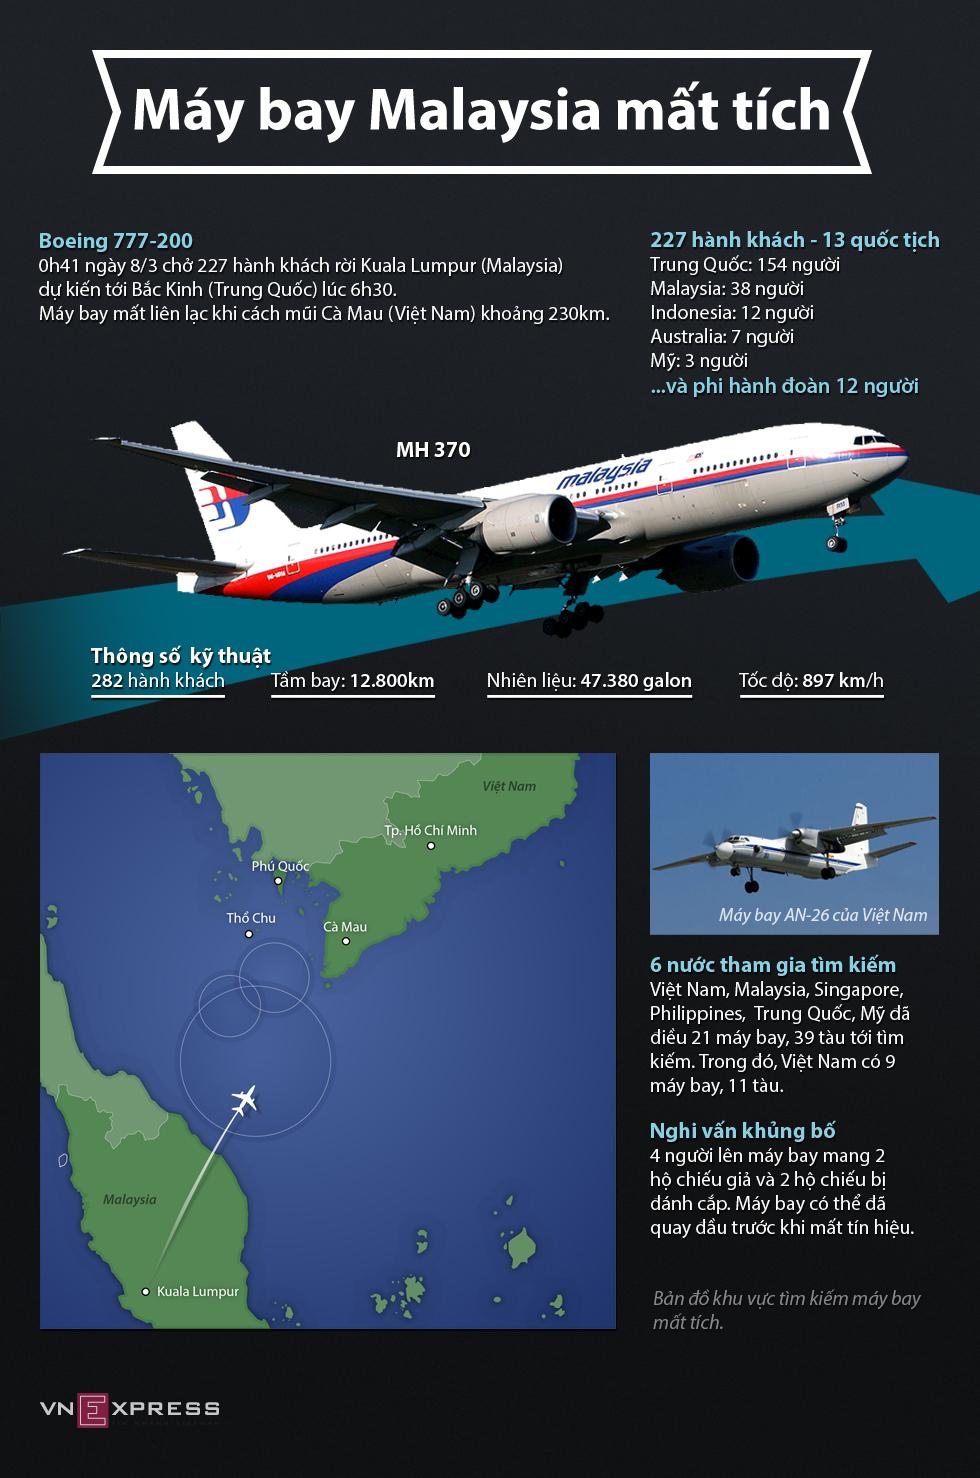 Hành trình bí ẩn của chiếc máy bay Malaysia mất tích